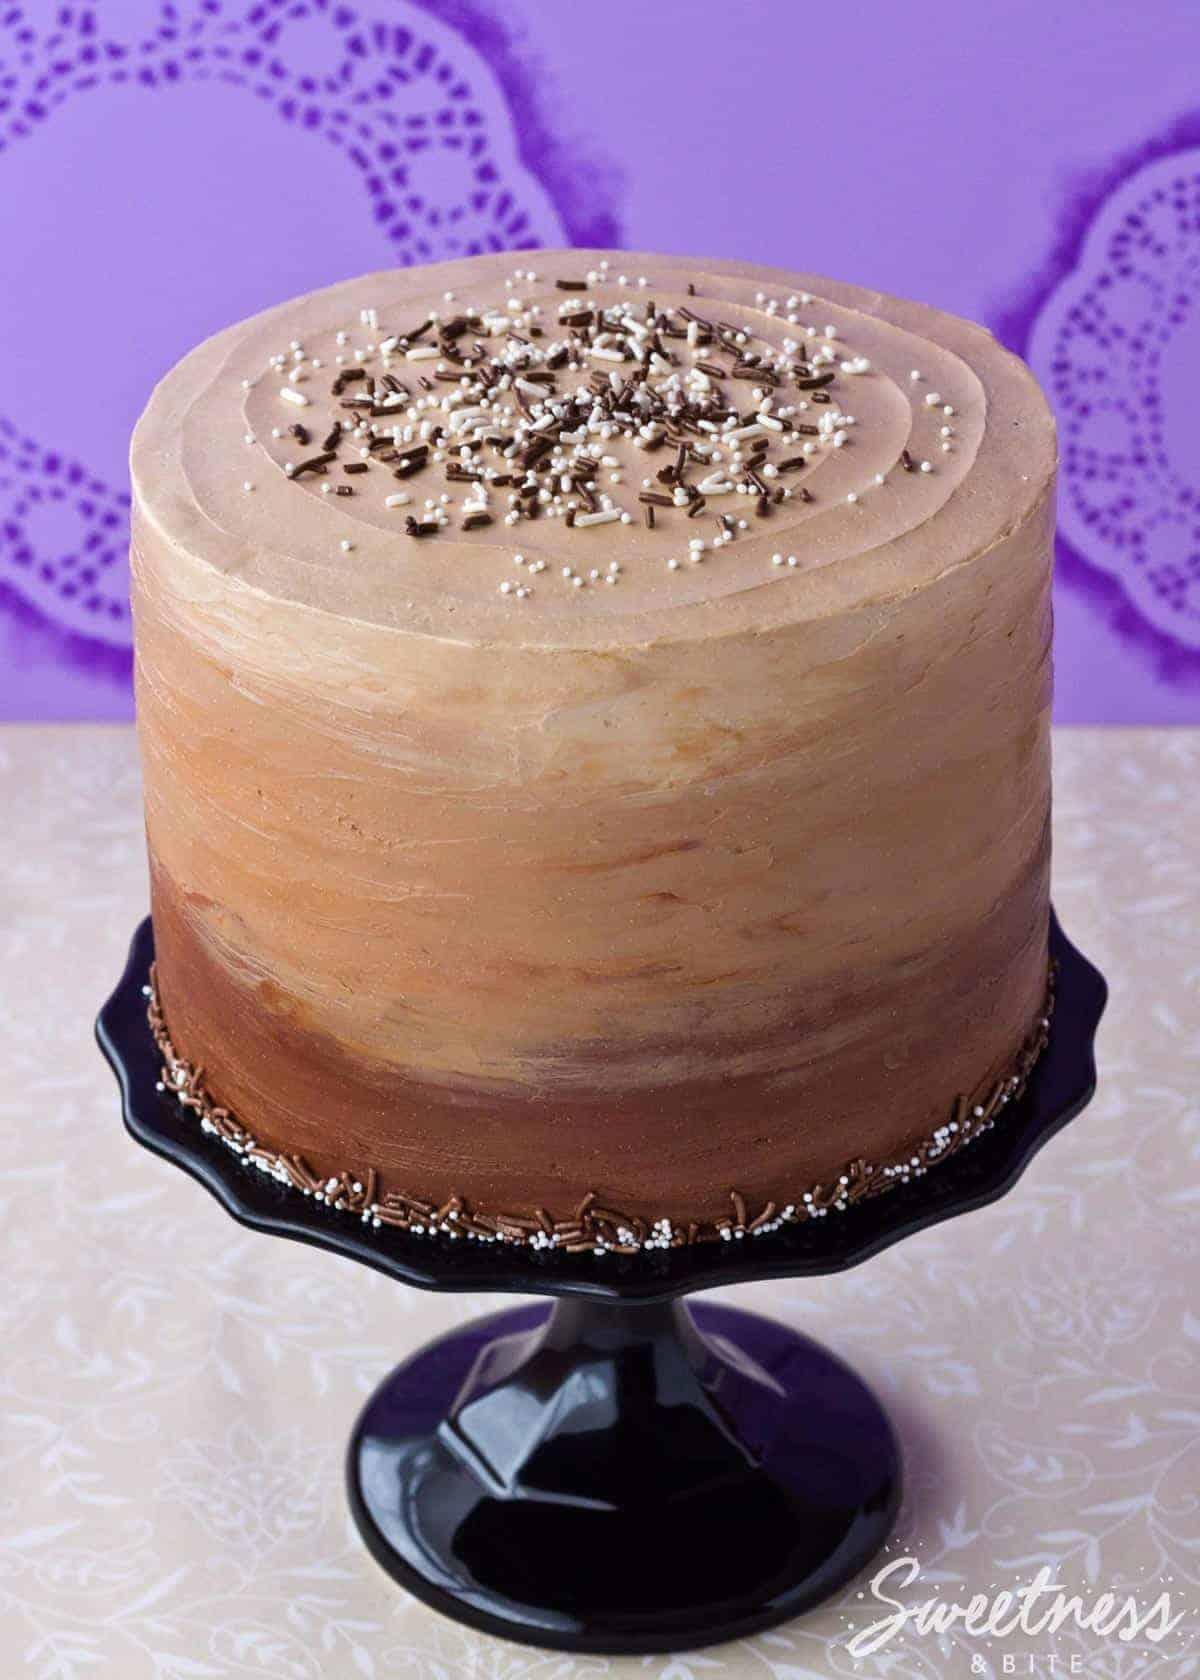 chocolate-and-vanilla-honey-cheesecake-layer-cake-featured-image